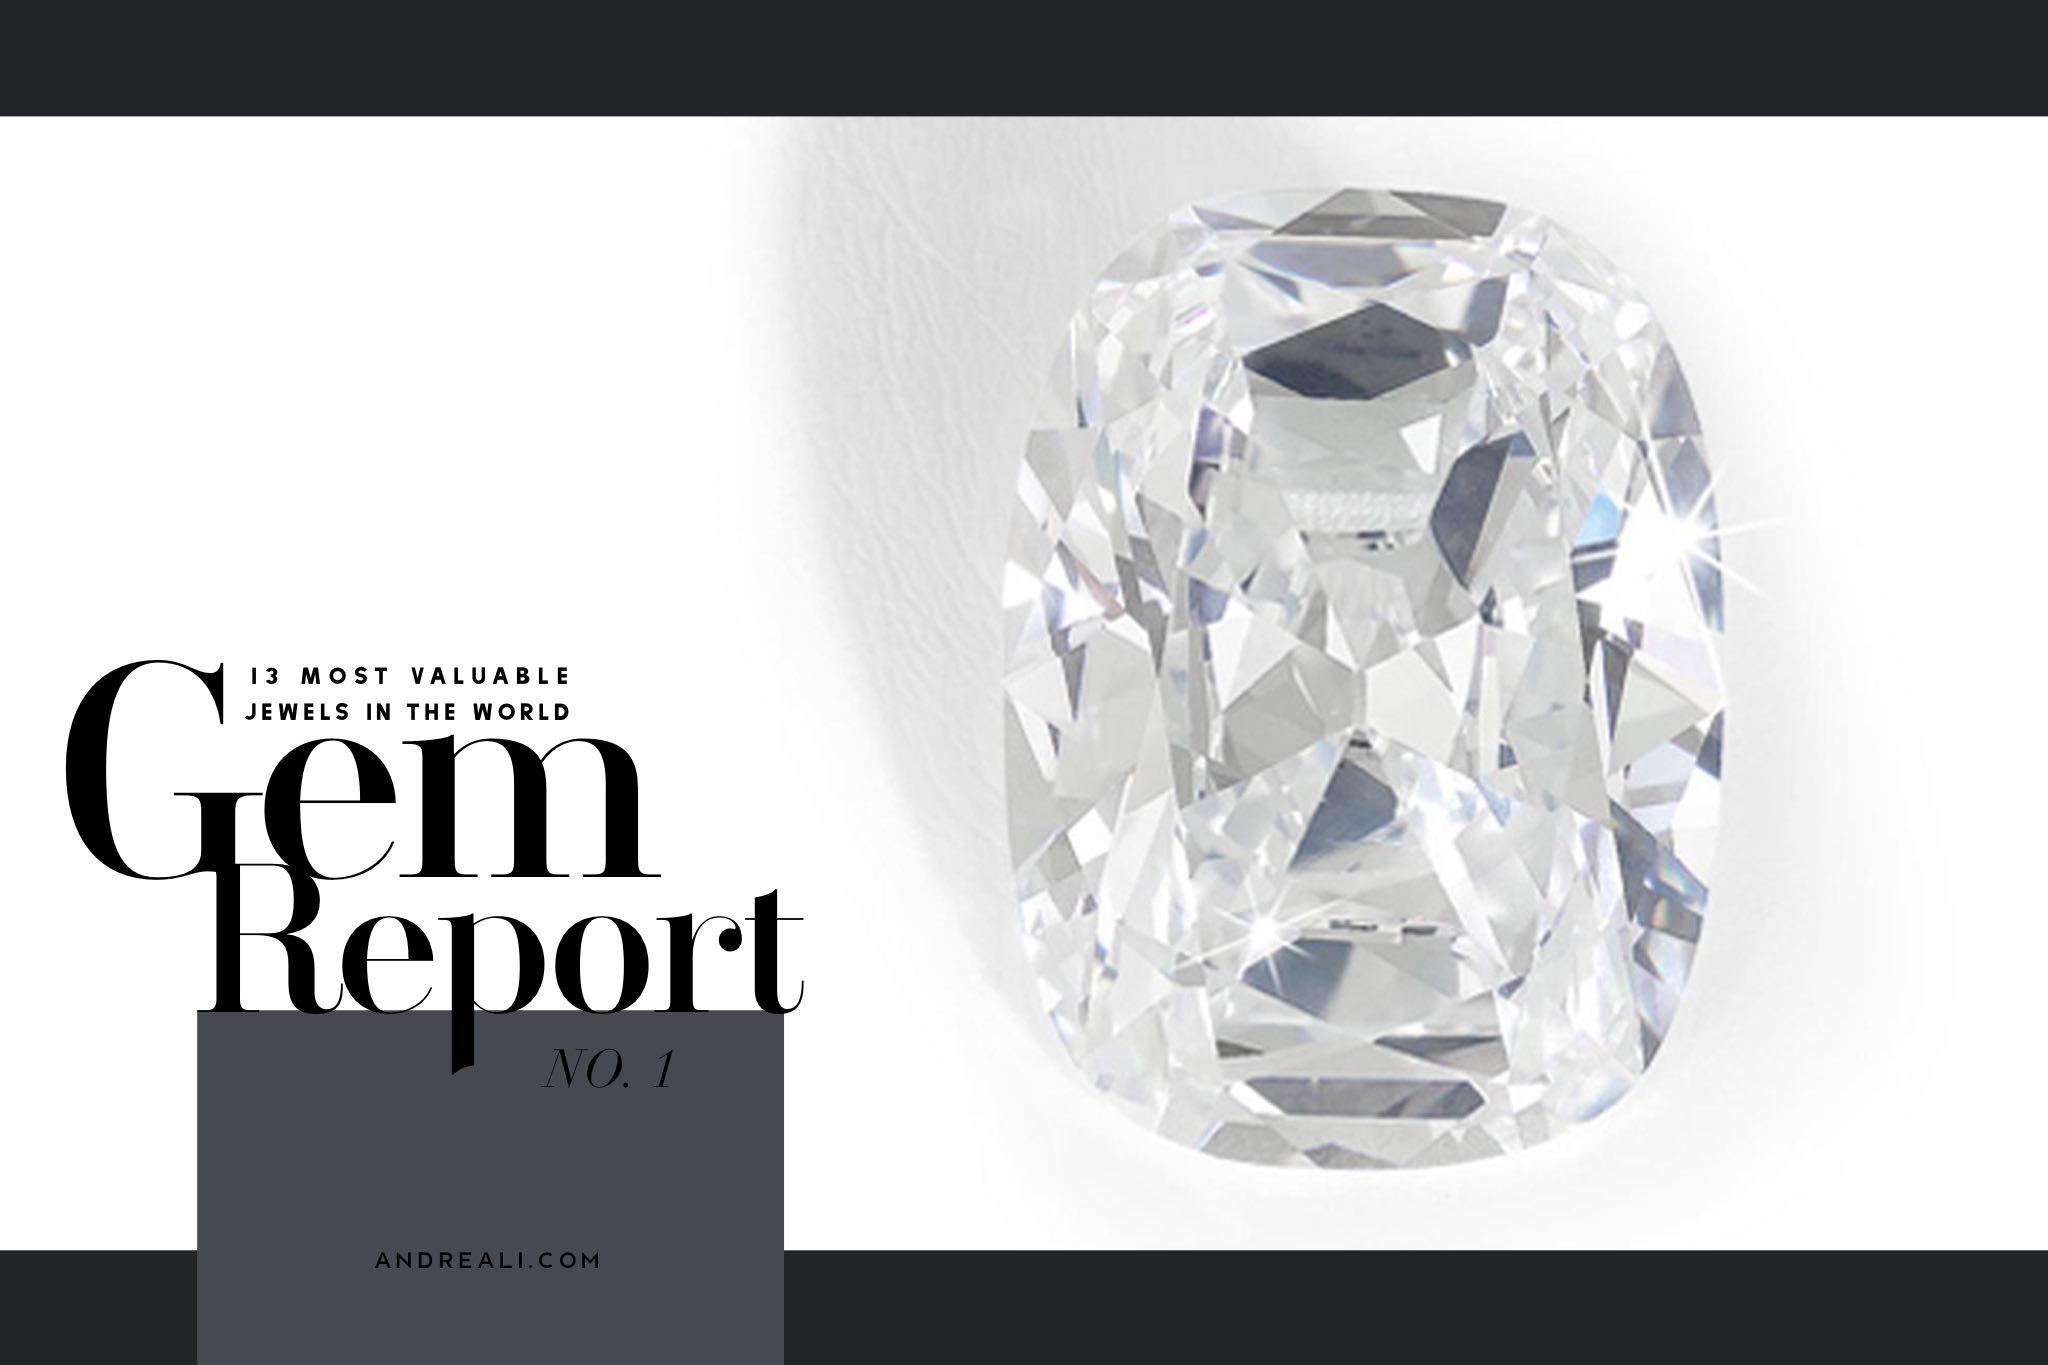 koh-I-noor-diamond.jpeg